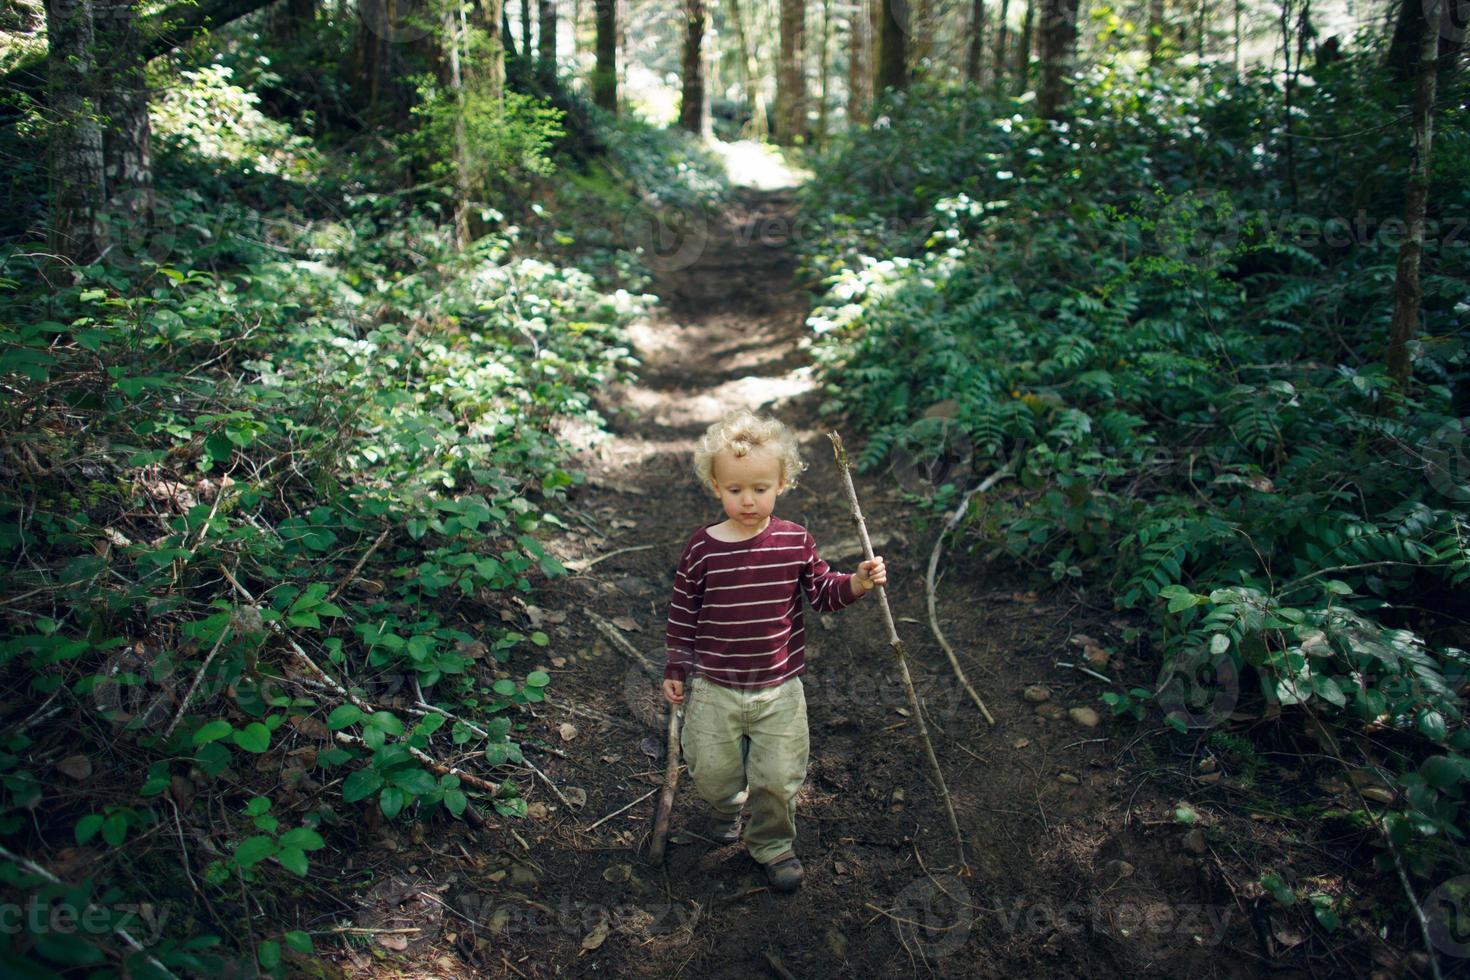 ragazzino che esplora nel bosco foto